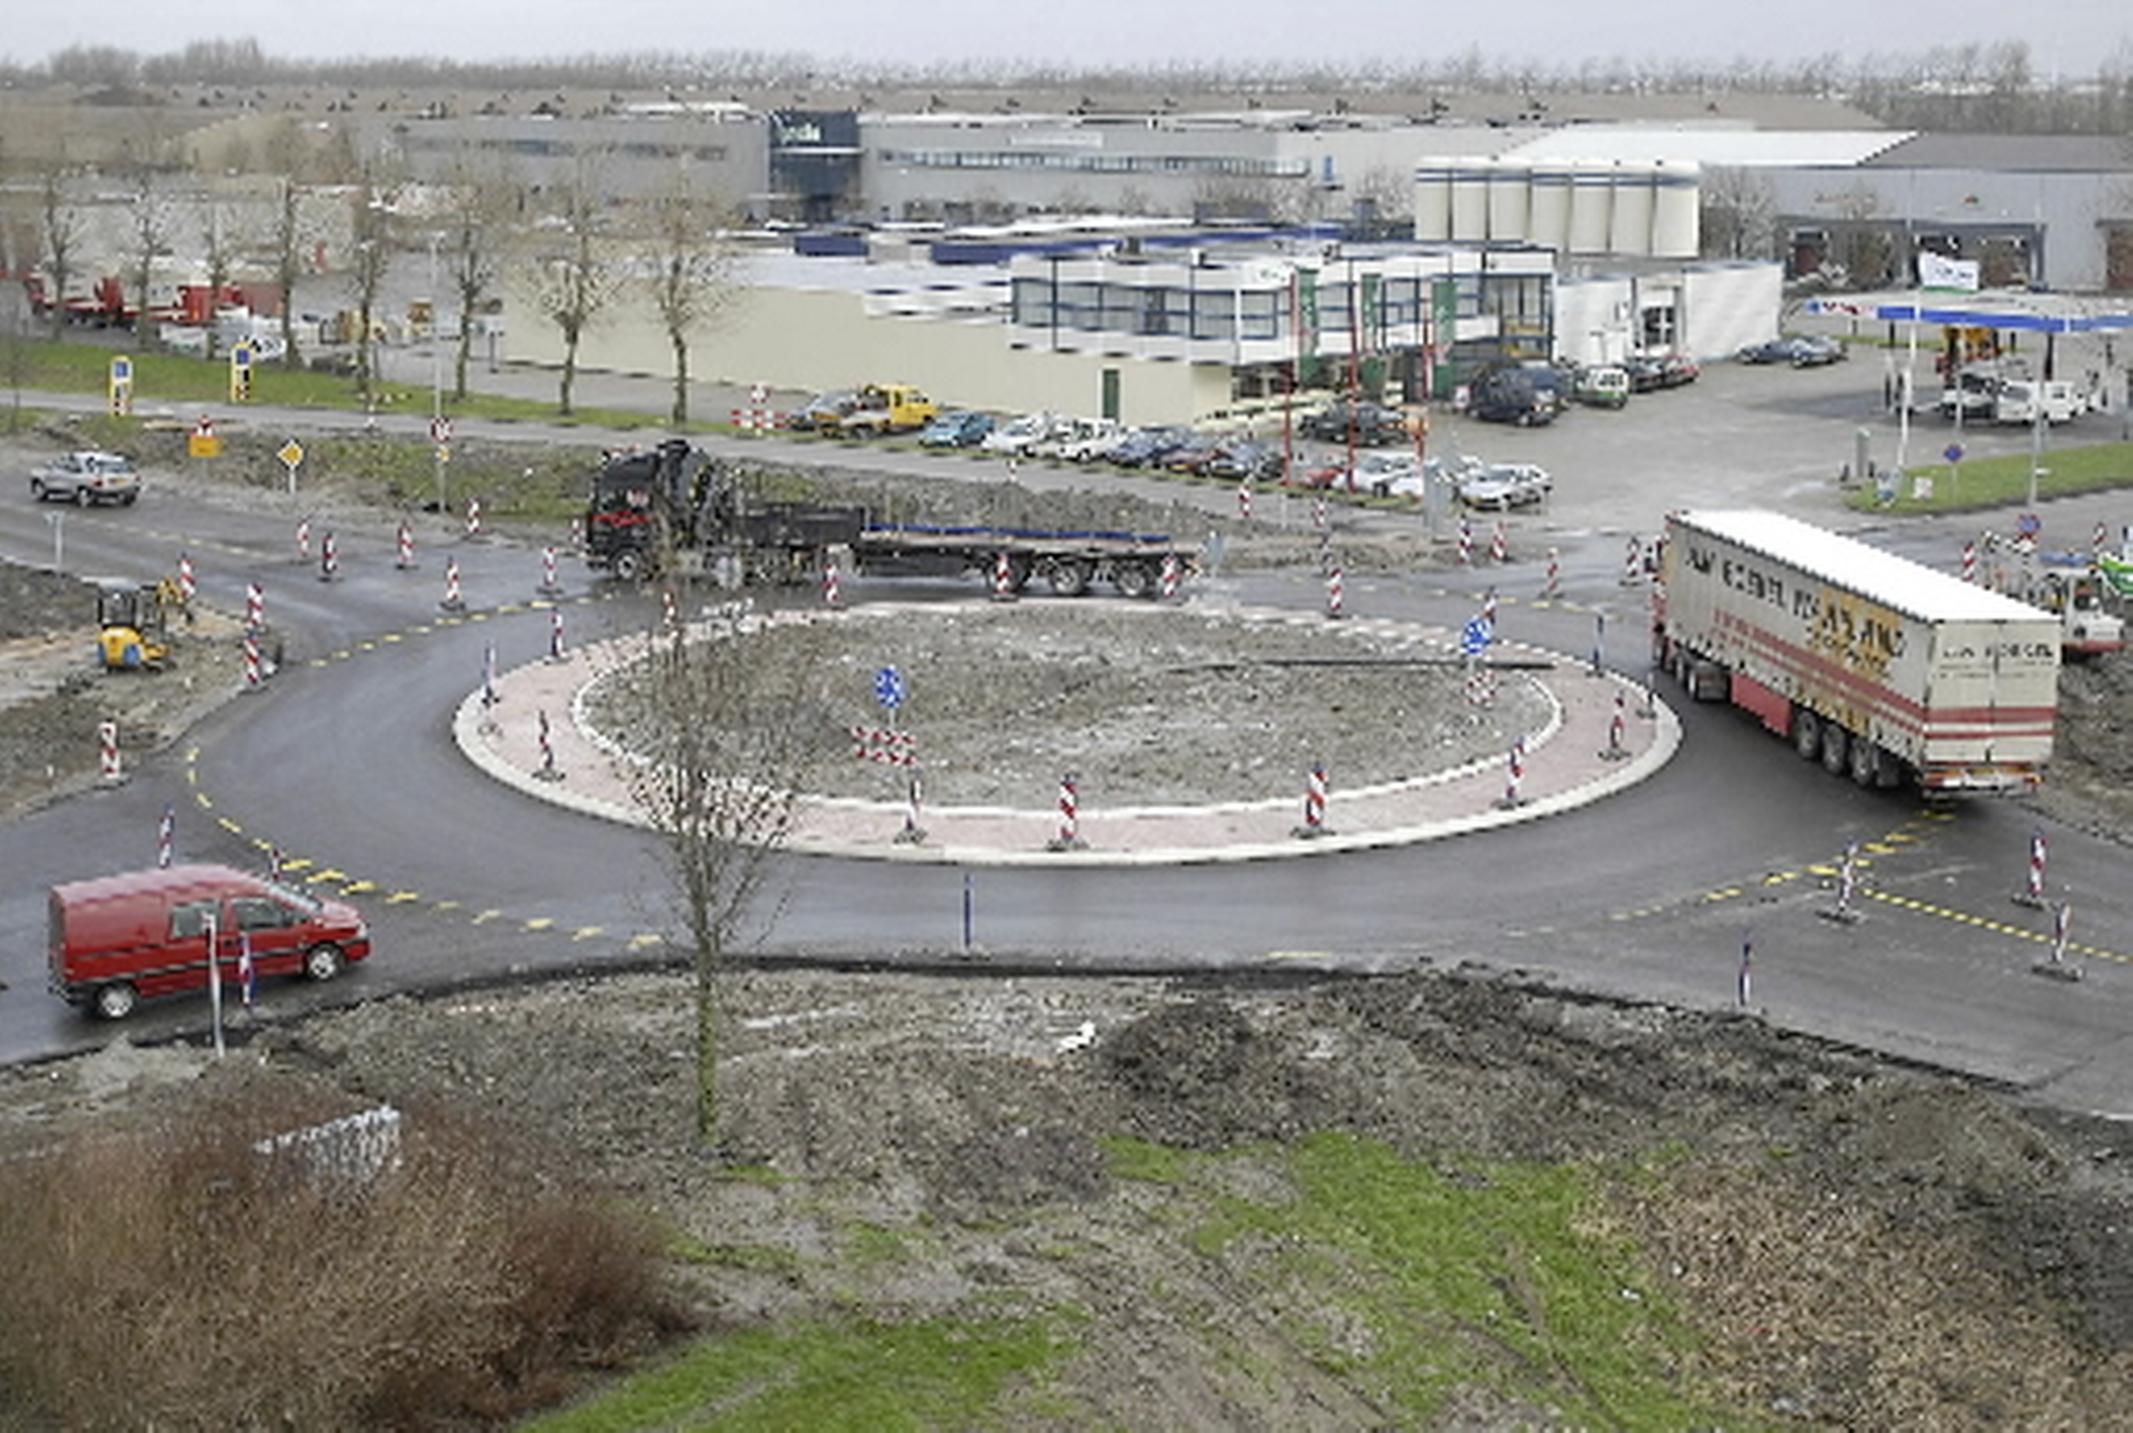 SP eist opheldering over WFO, Statenlid stelt vragen aan Gedeputeerde Staten over bedrijventerrein in Zwaagdijk-Oost